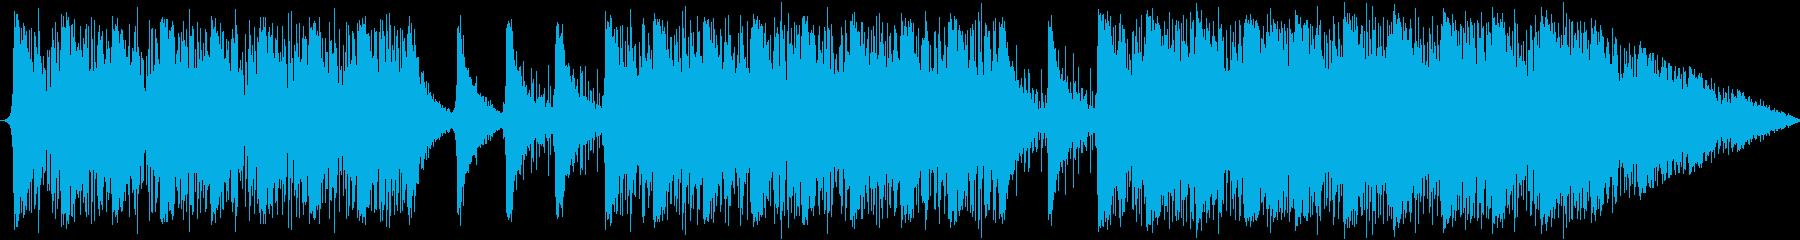 追跡シーン等のようなパーカッションの曲の再生済みの波形